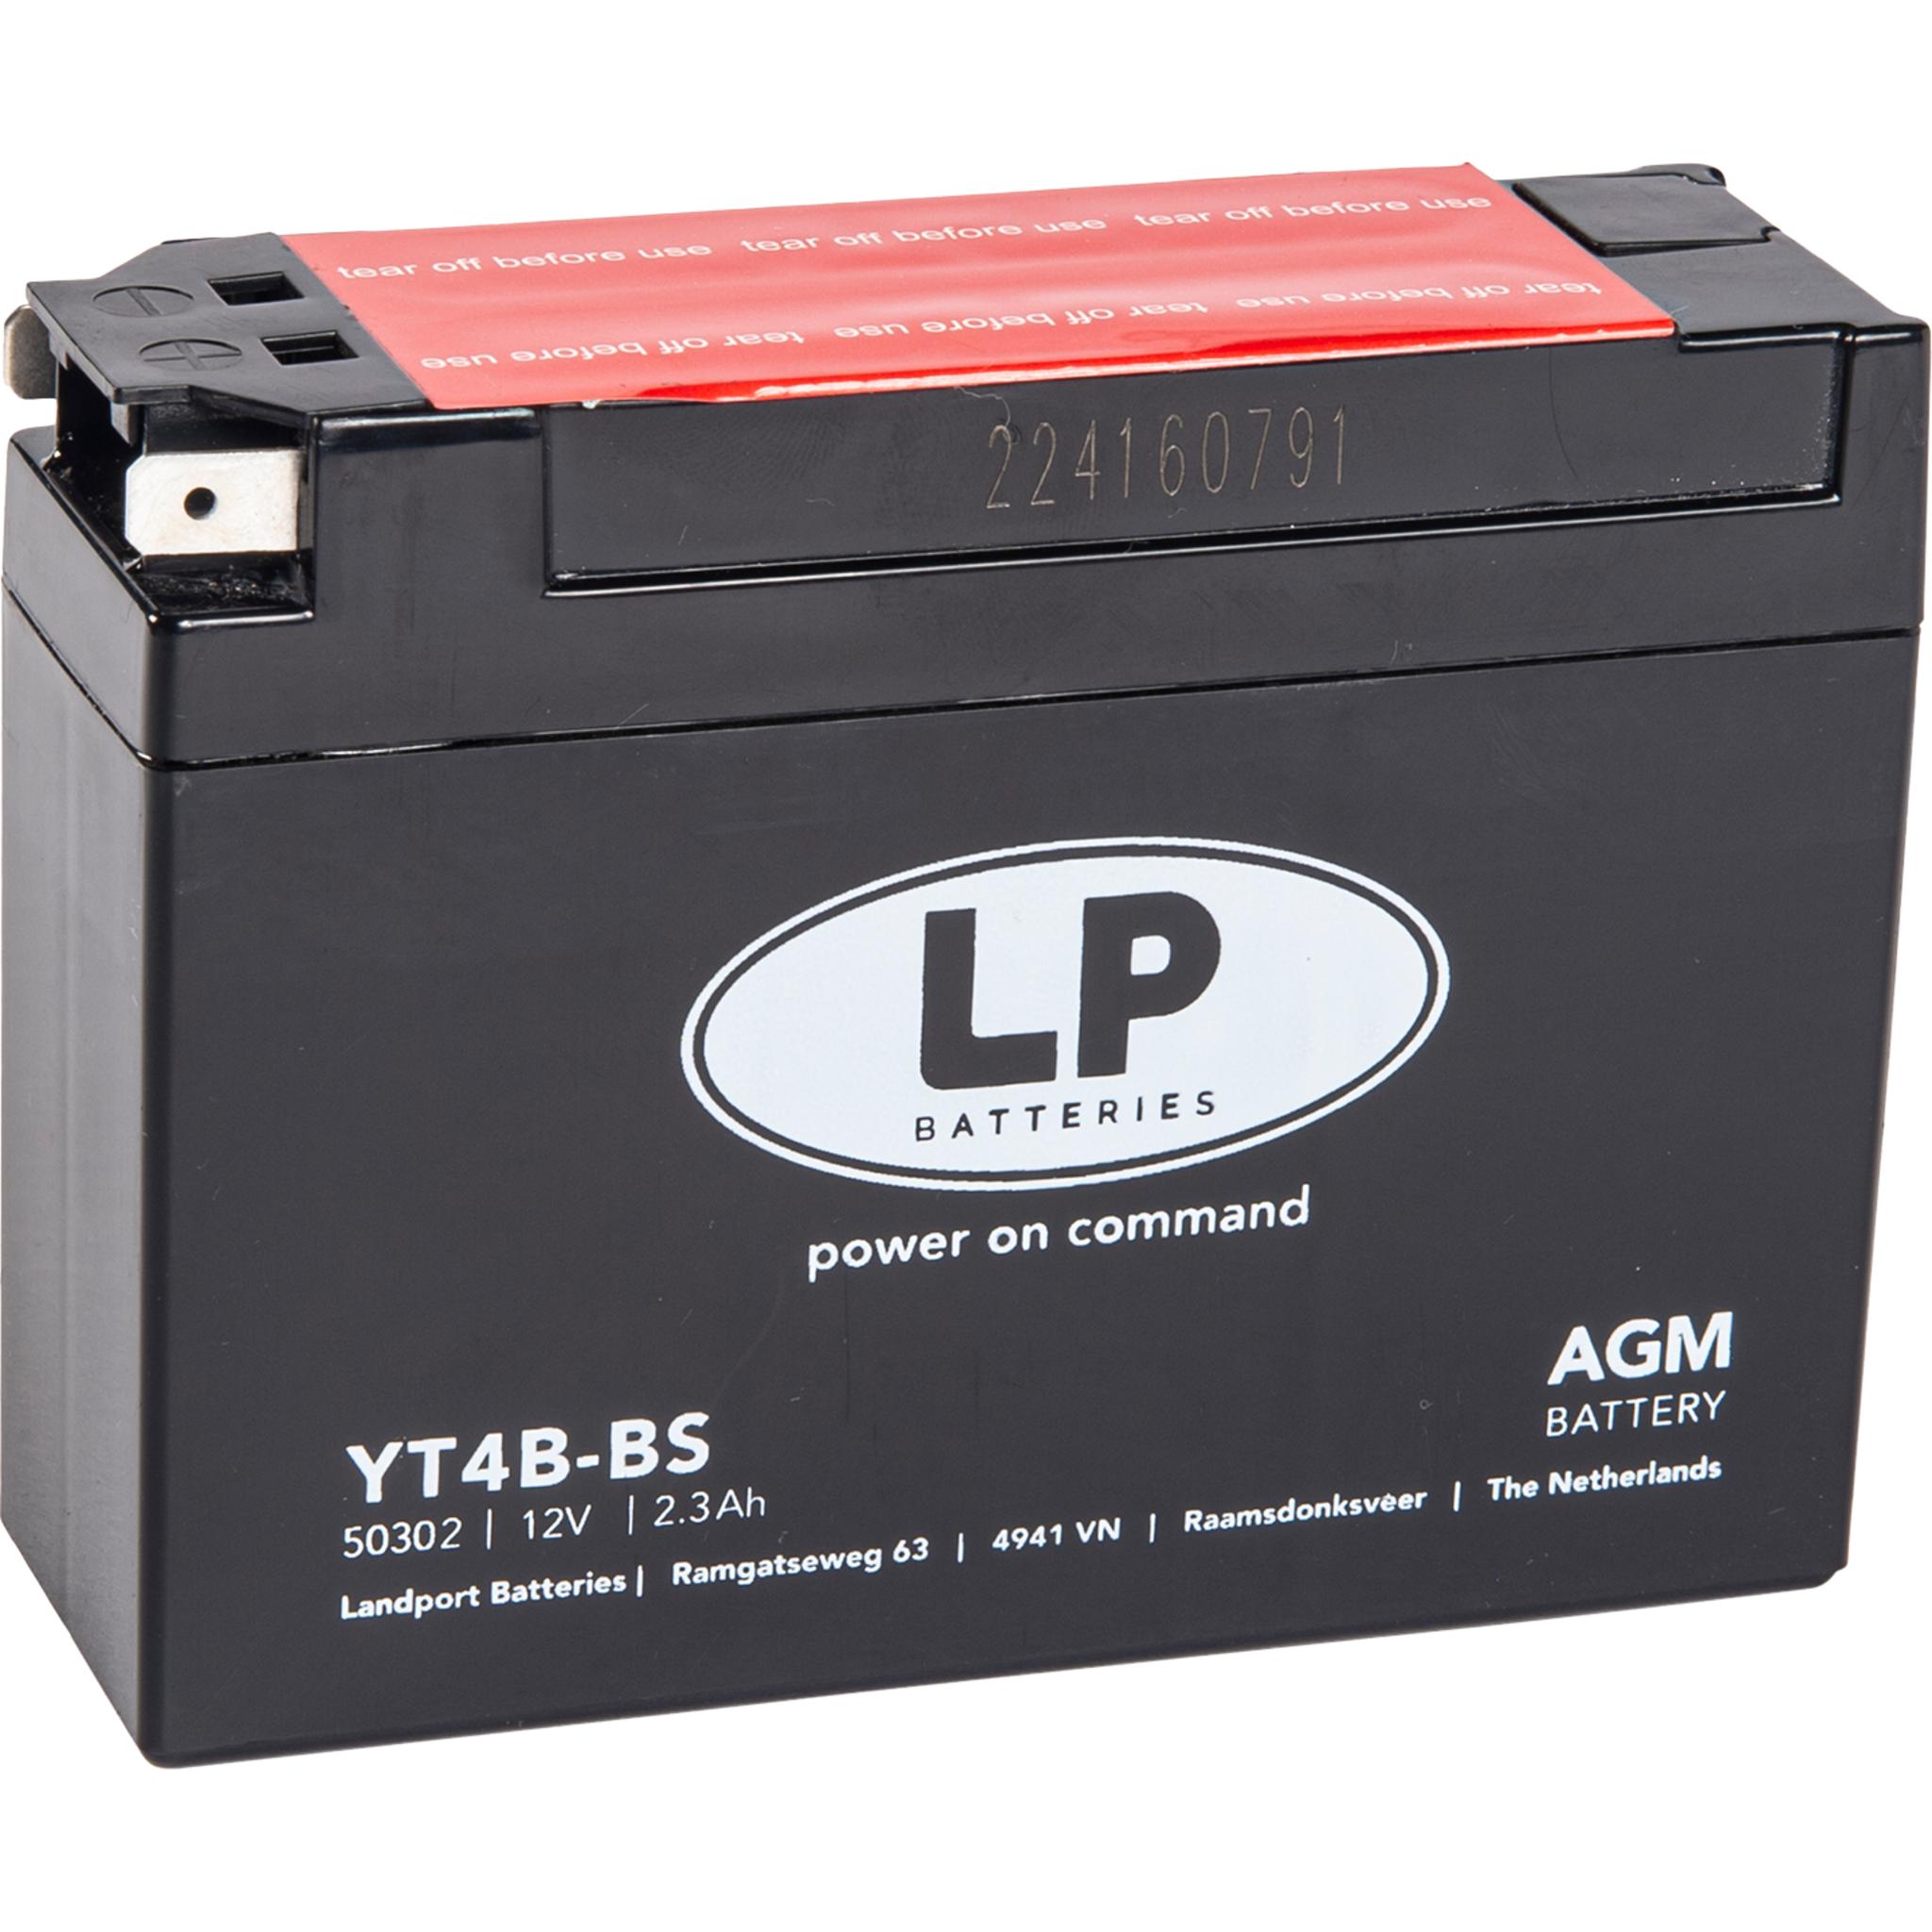 Аккумулятор Landport YT4B-BS, 12V, AGM